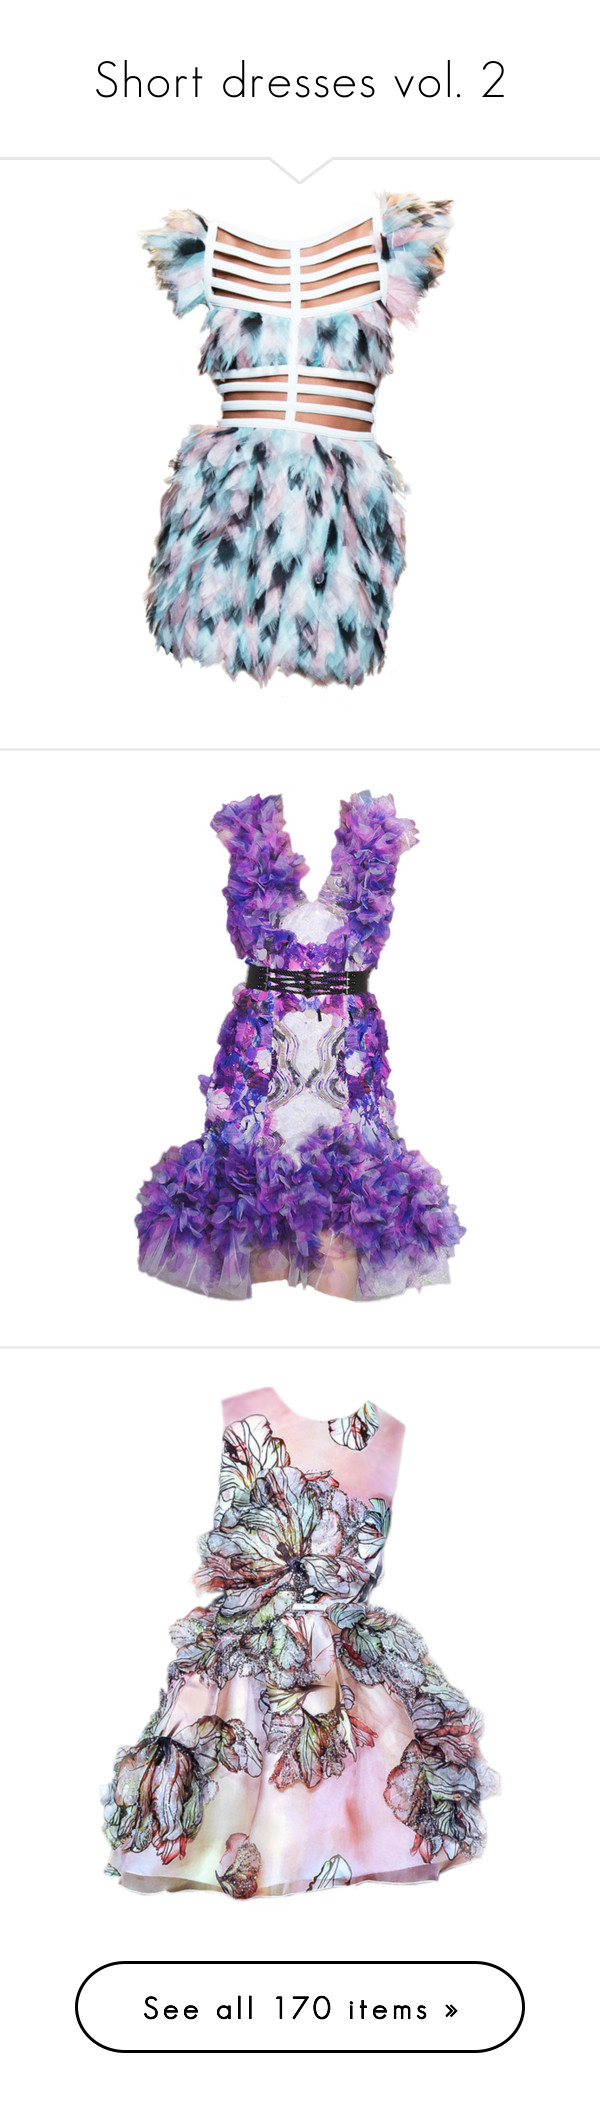 Short dresses vol. 2\